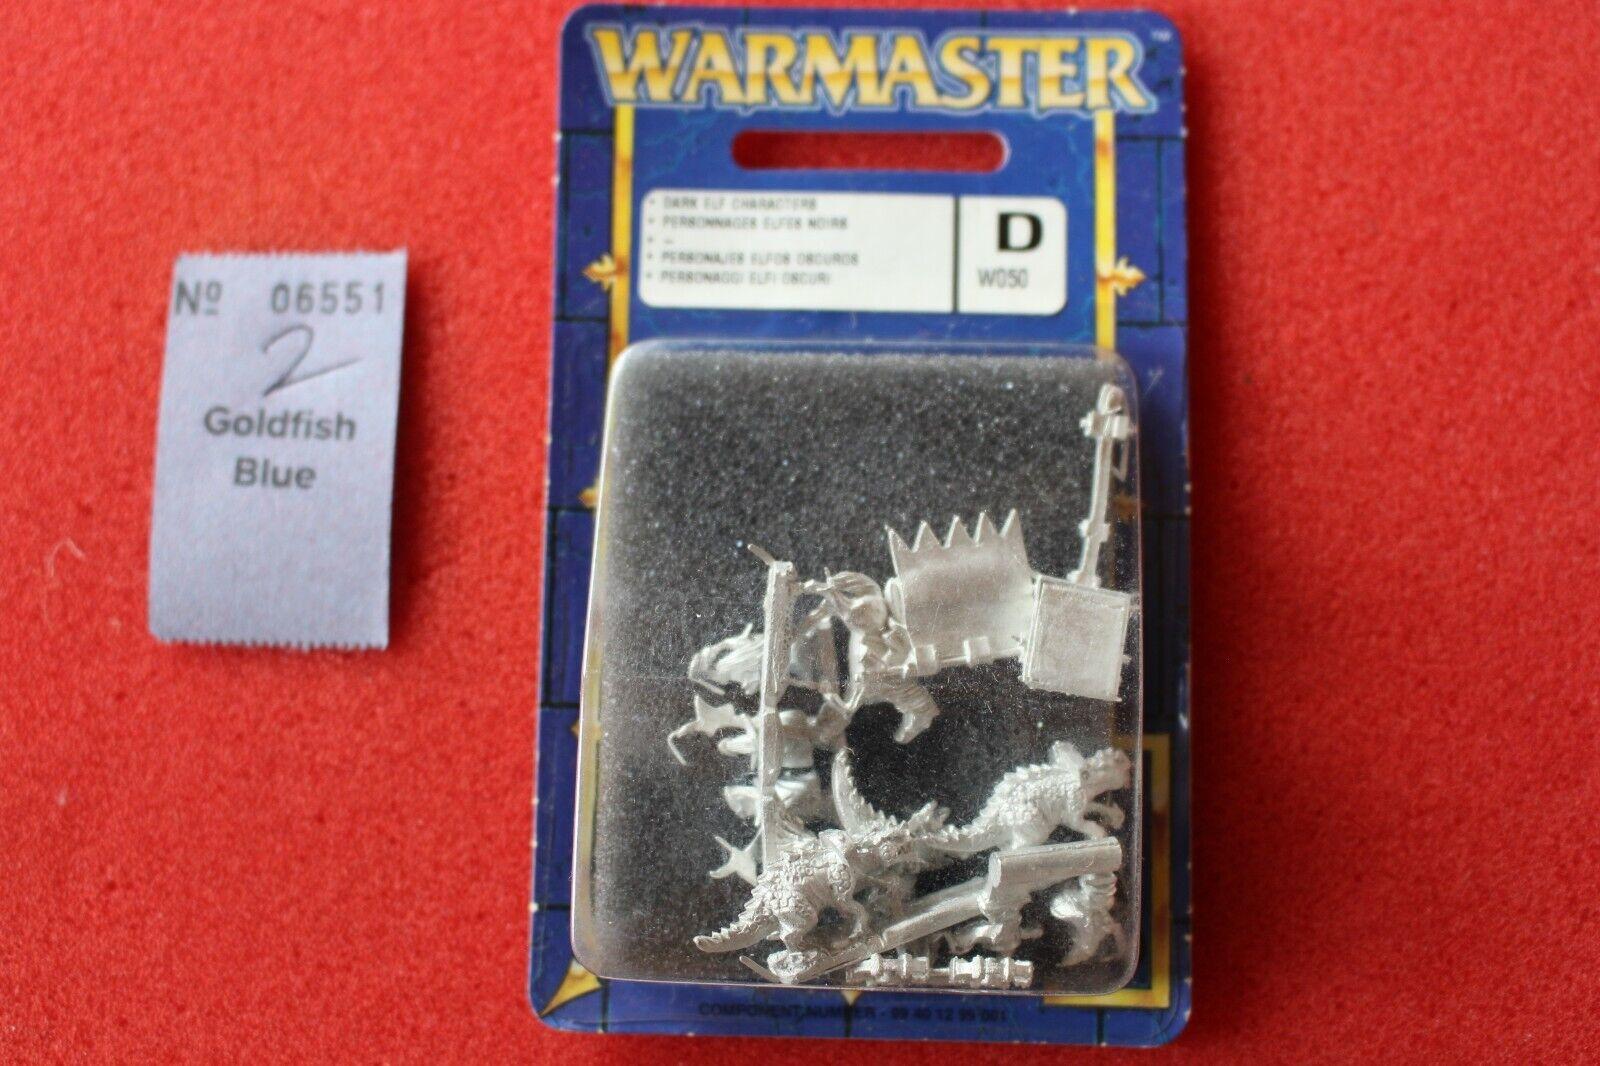 Envíos y devoluciones gratis. Warmaster Personajes elfo elfo elfo oscuro señores Nuevo Y En Caja Nuevo Sellado Juegos Workshop elfos de metal  ganancia cero